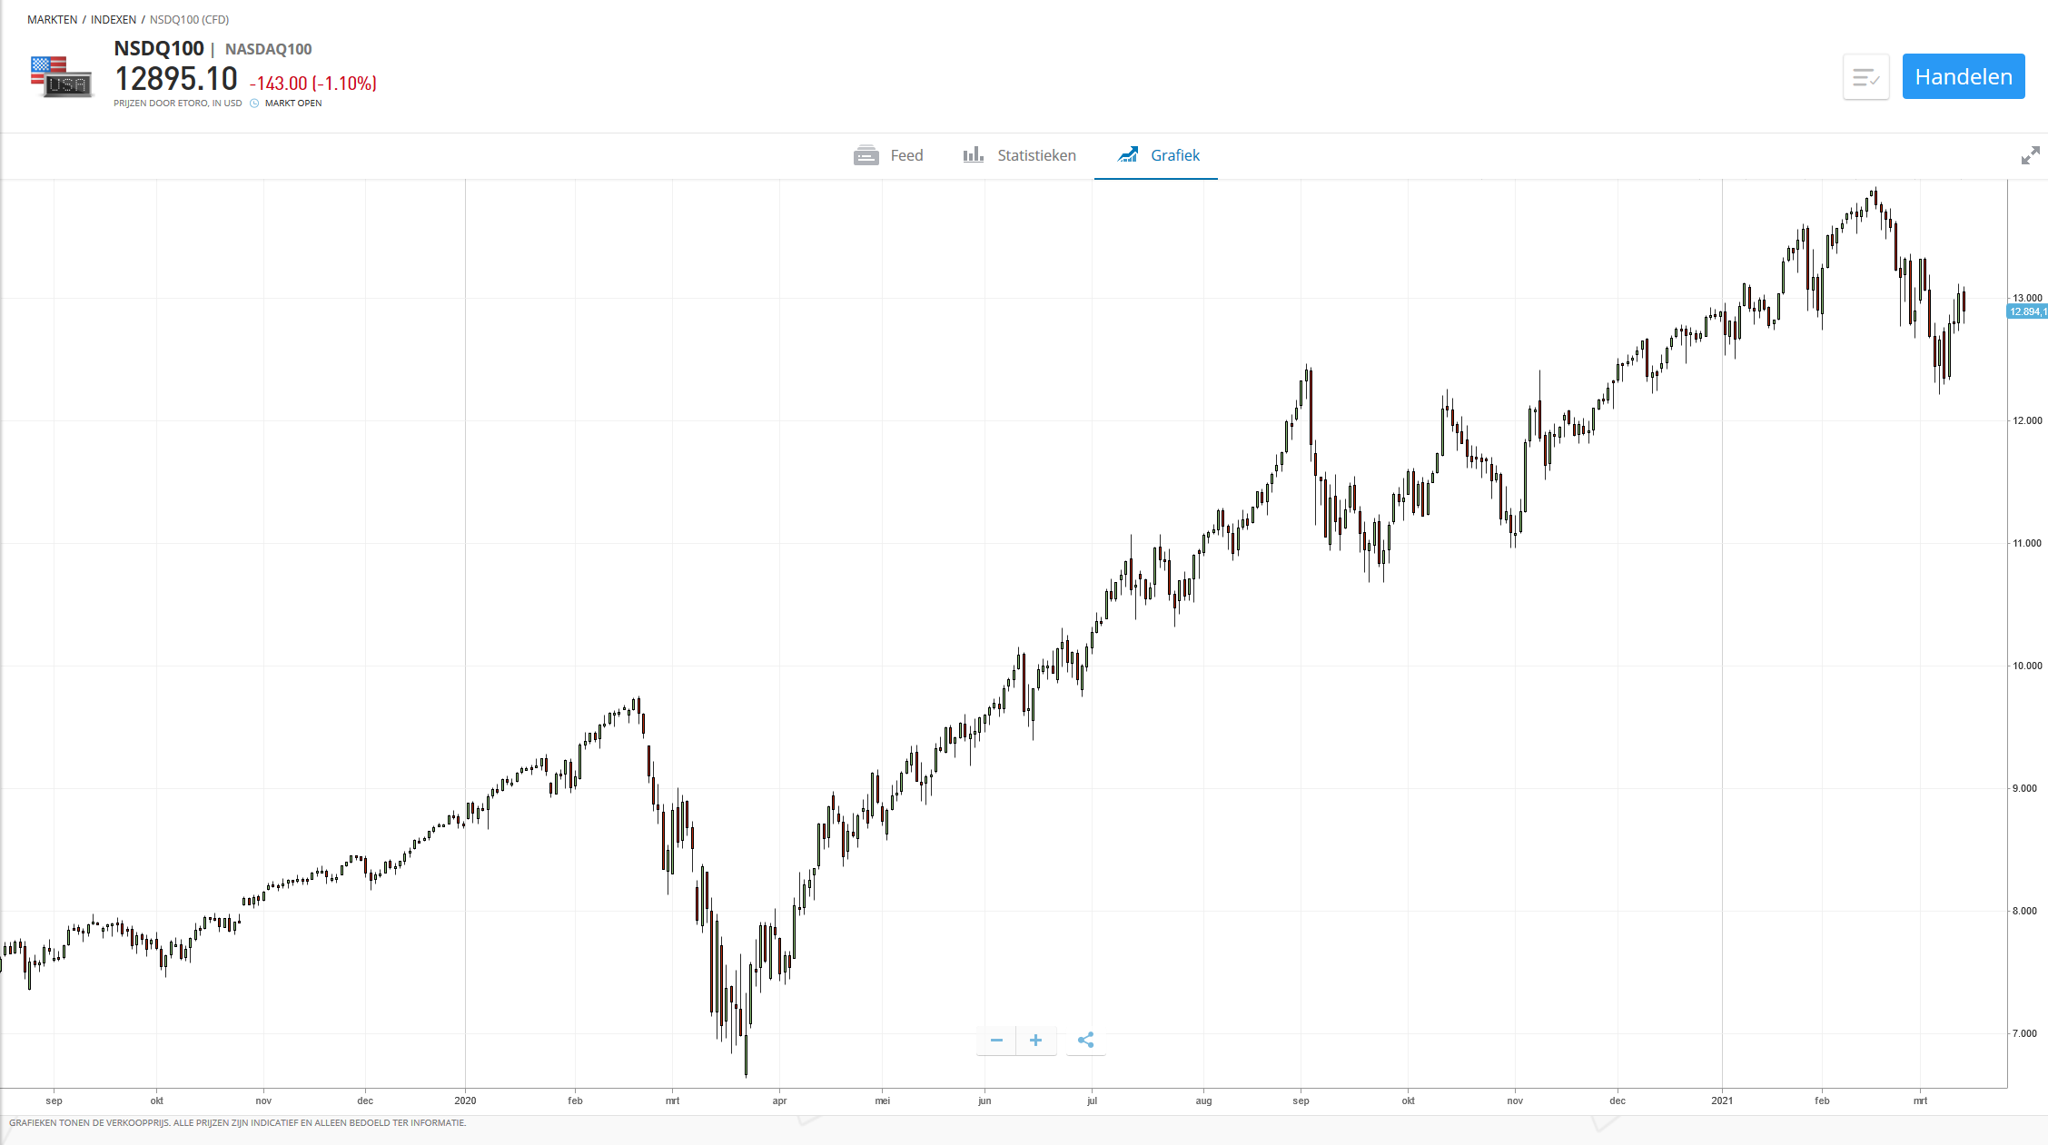 koss aandelen koers nsdq100